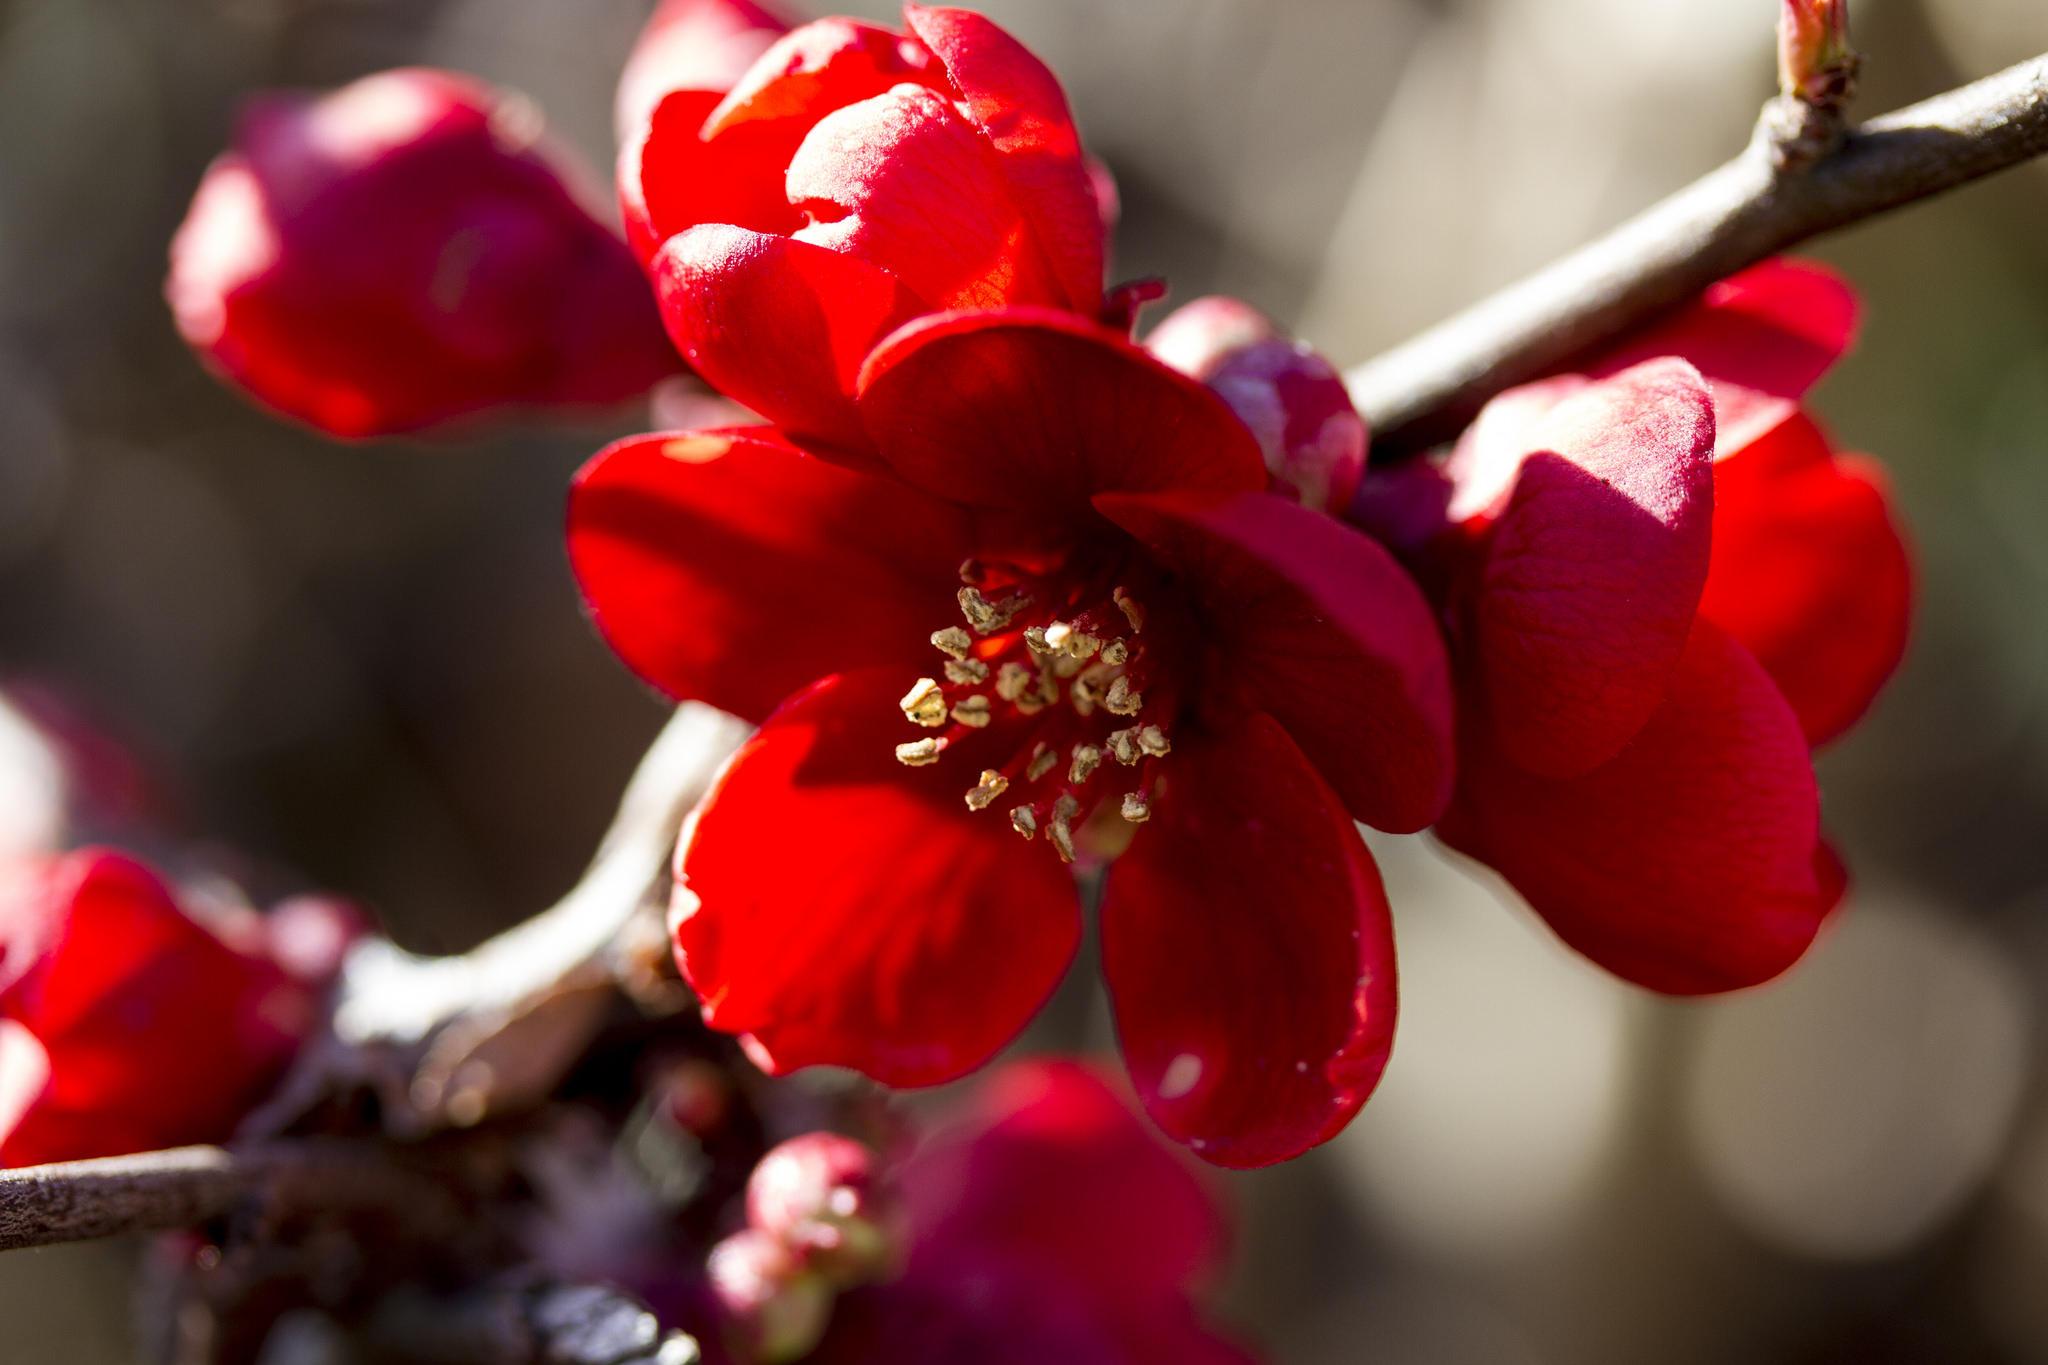 Ảnh hoa mai đỏ thắm cực đẹp